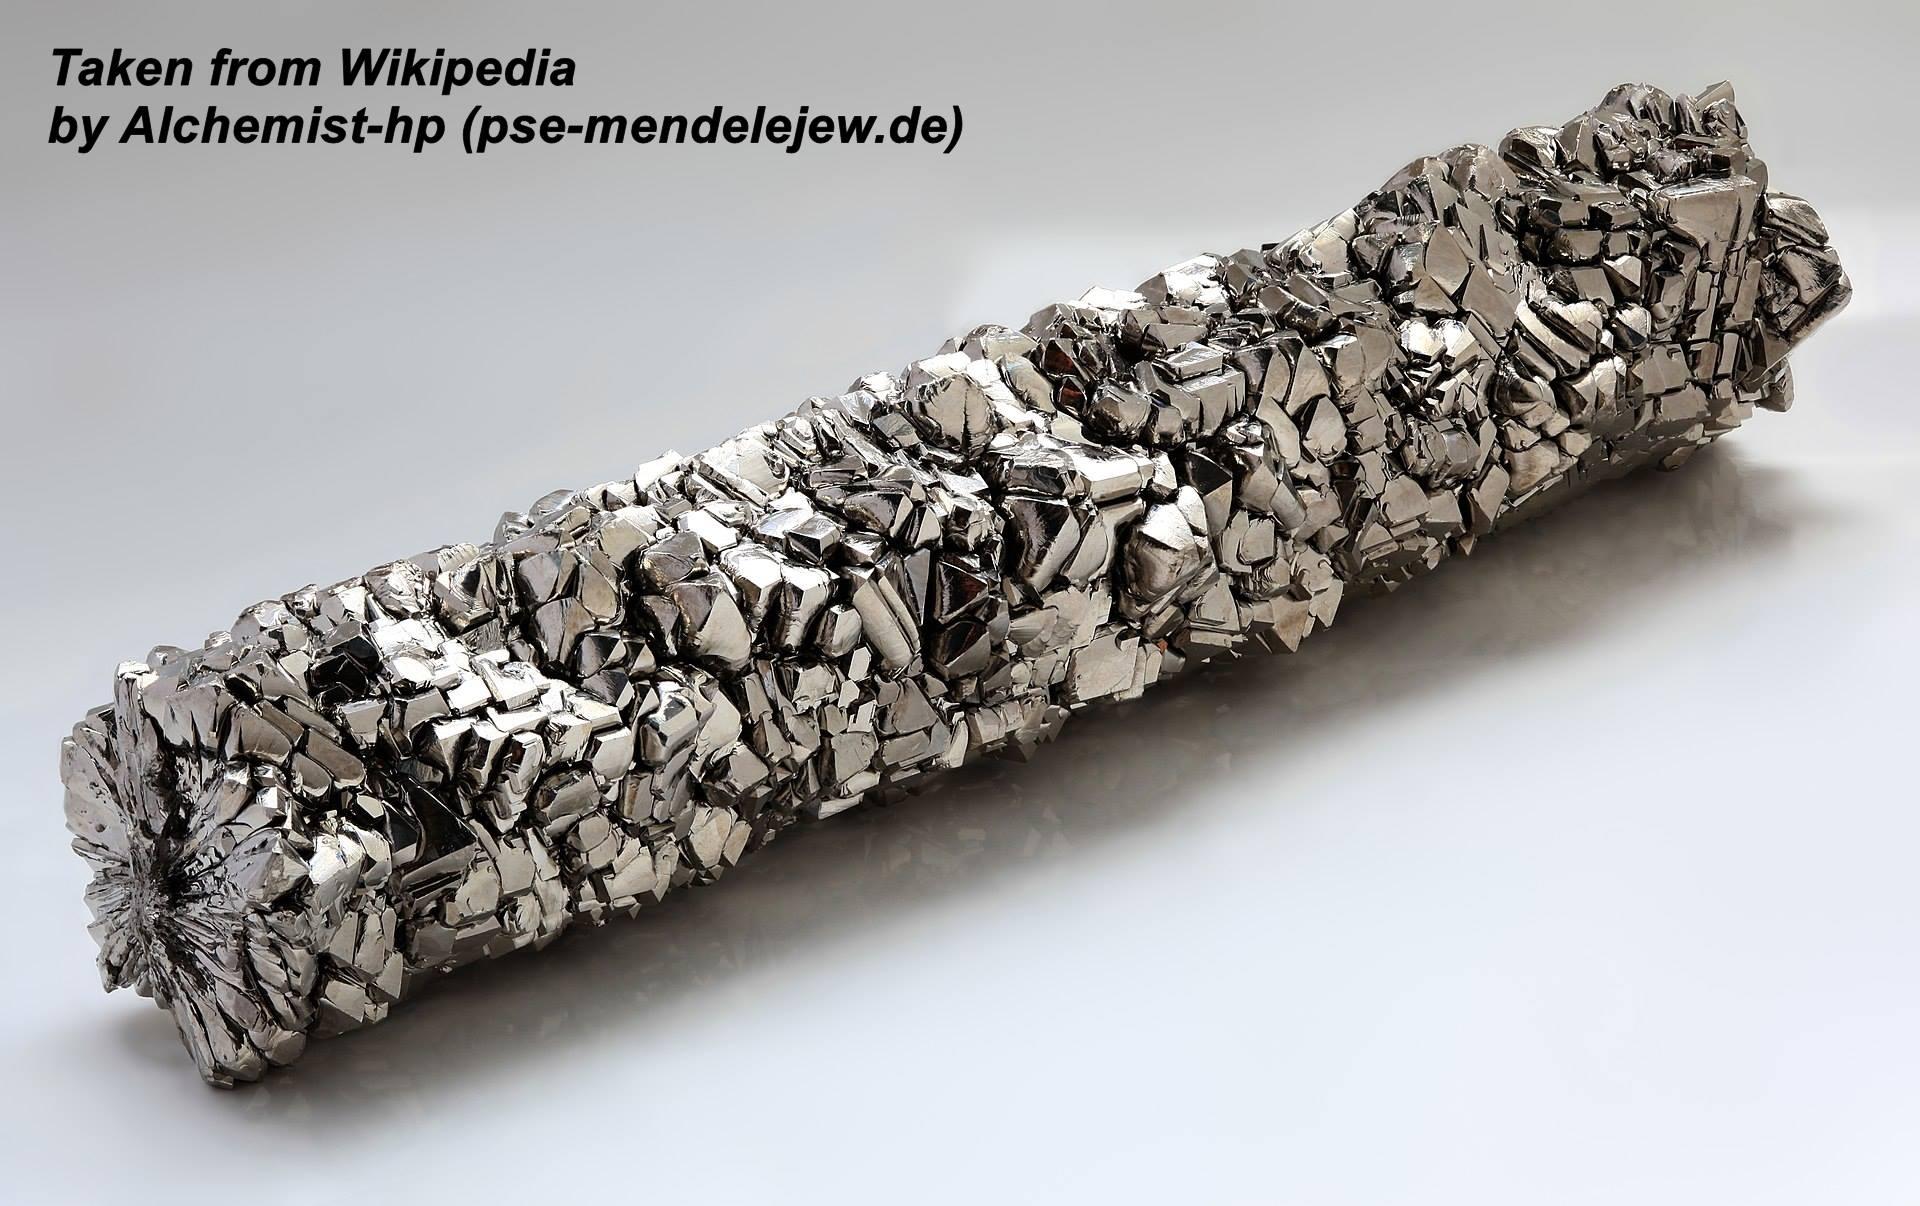 """מוט טיטניום. נלקח ברשות מ""""ויקיפדיה"""" From Wikipedia Commons  Alchemist-hp (pse-mendelejew.de"""